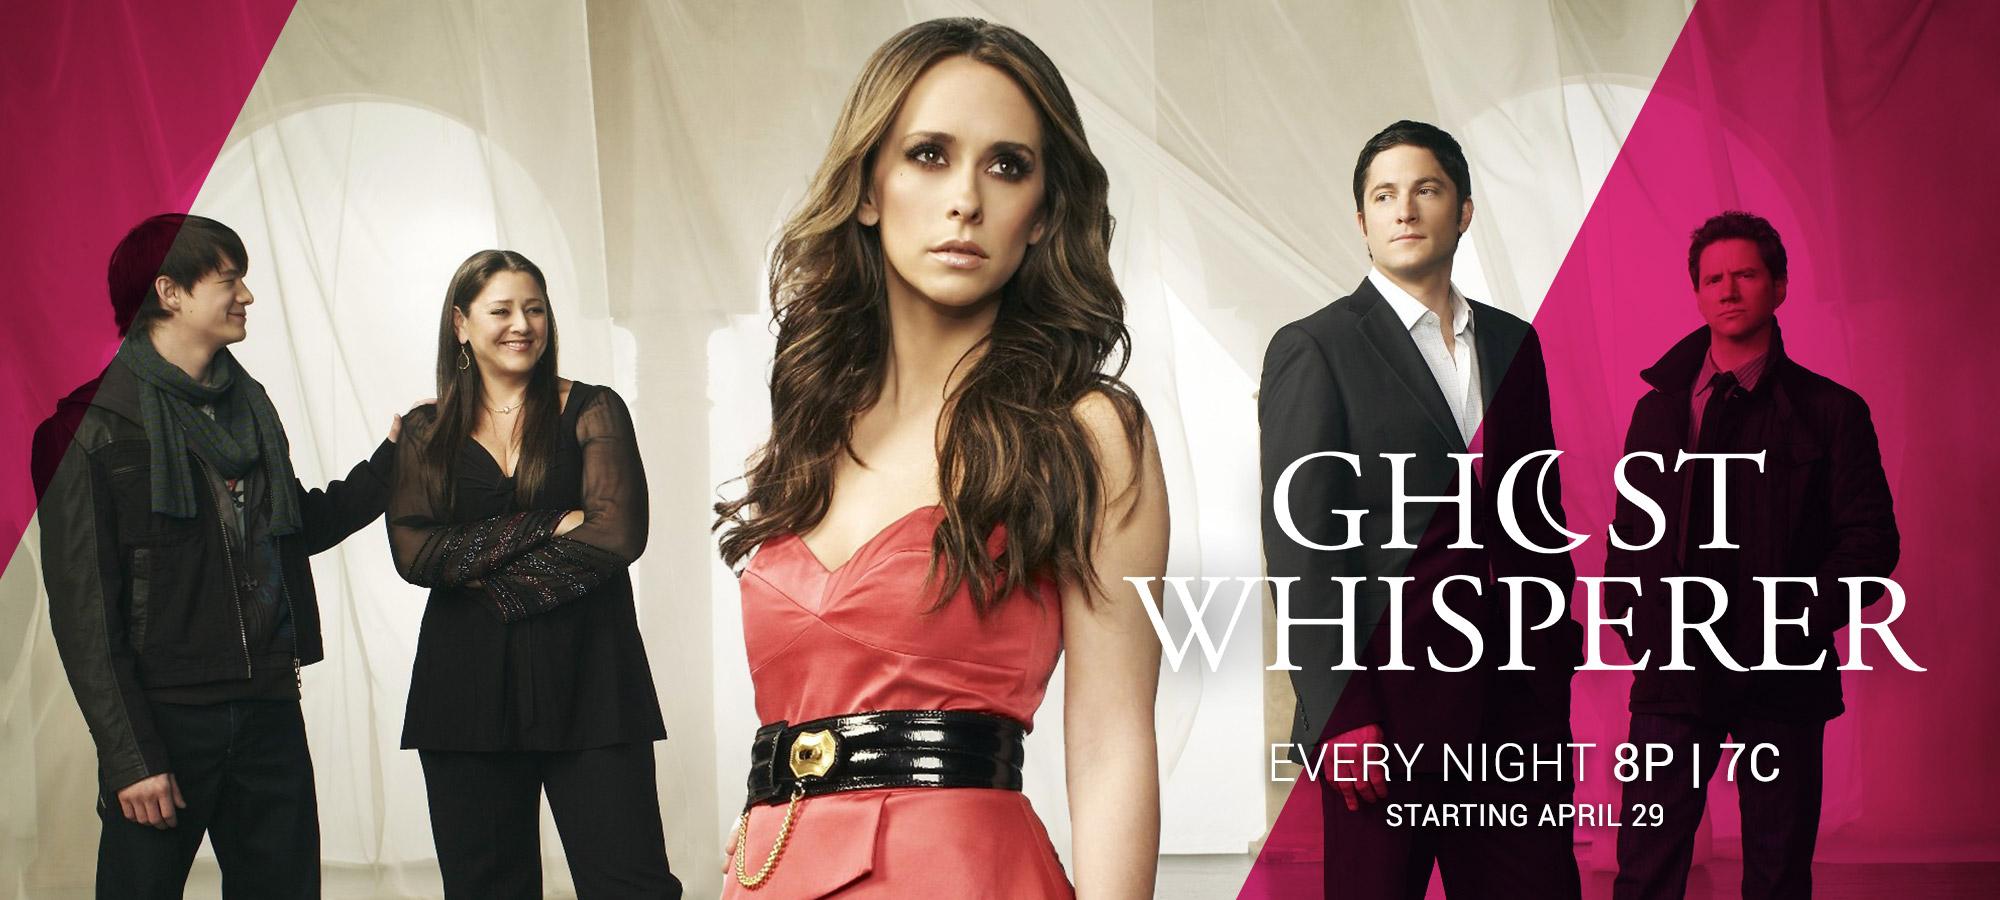 ghost whisperer season 2 episode 10